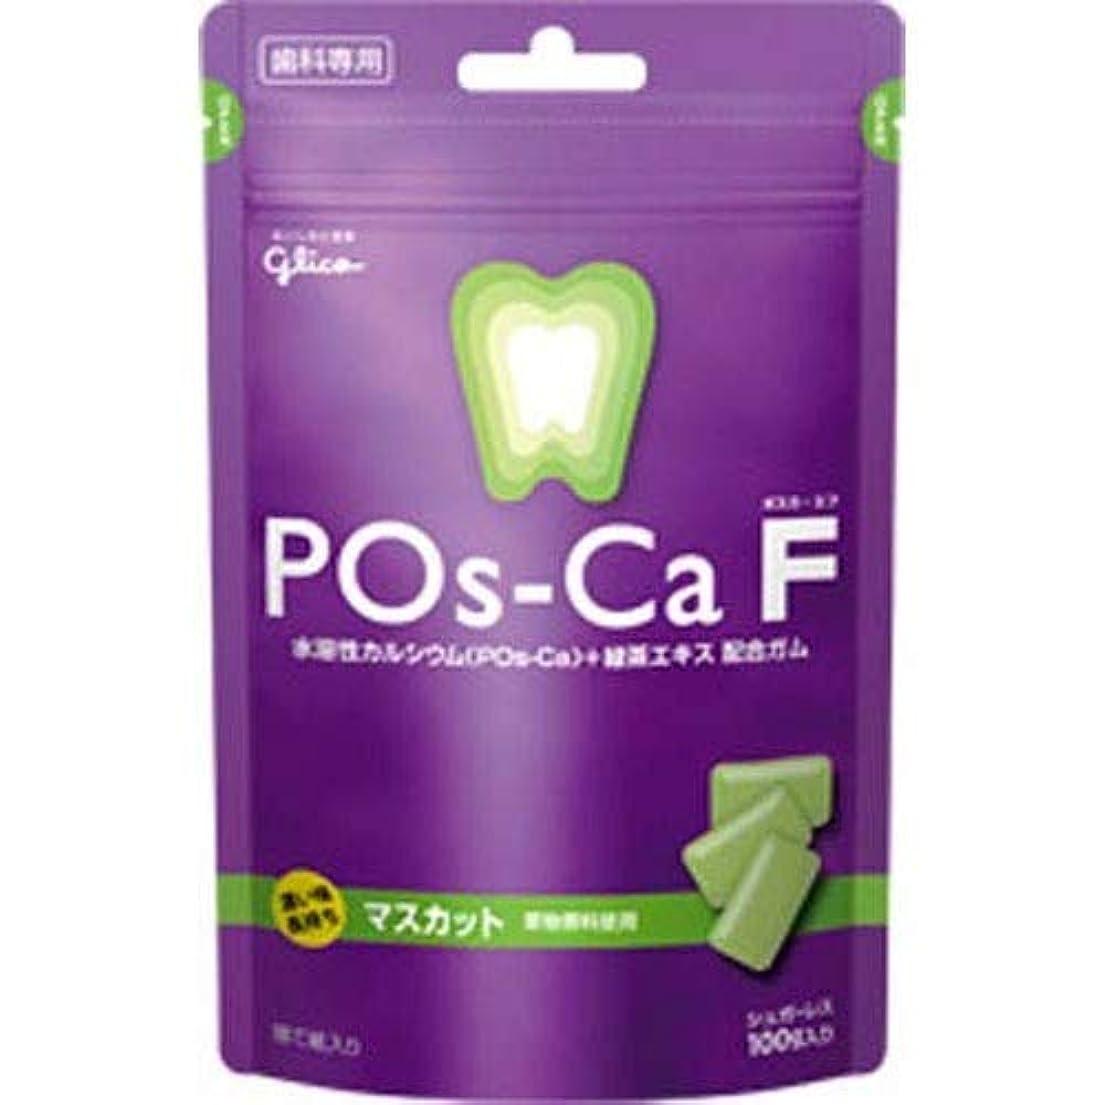 カフェ炭素エンドウポスカ?エフ(POs-Ca F)パウチタイプ 100g マスカット